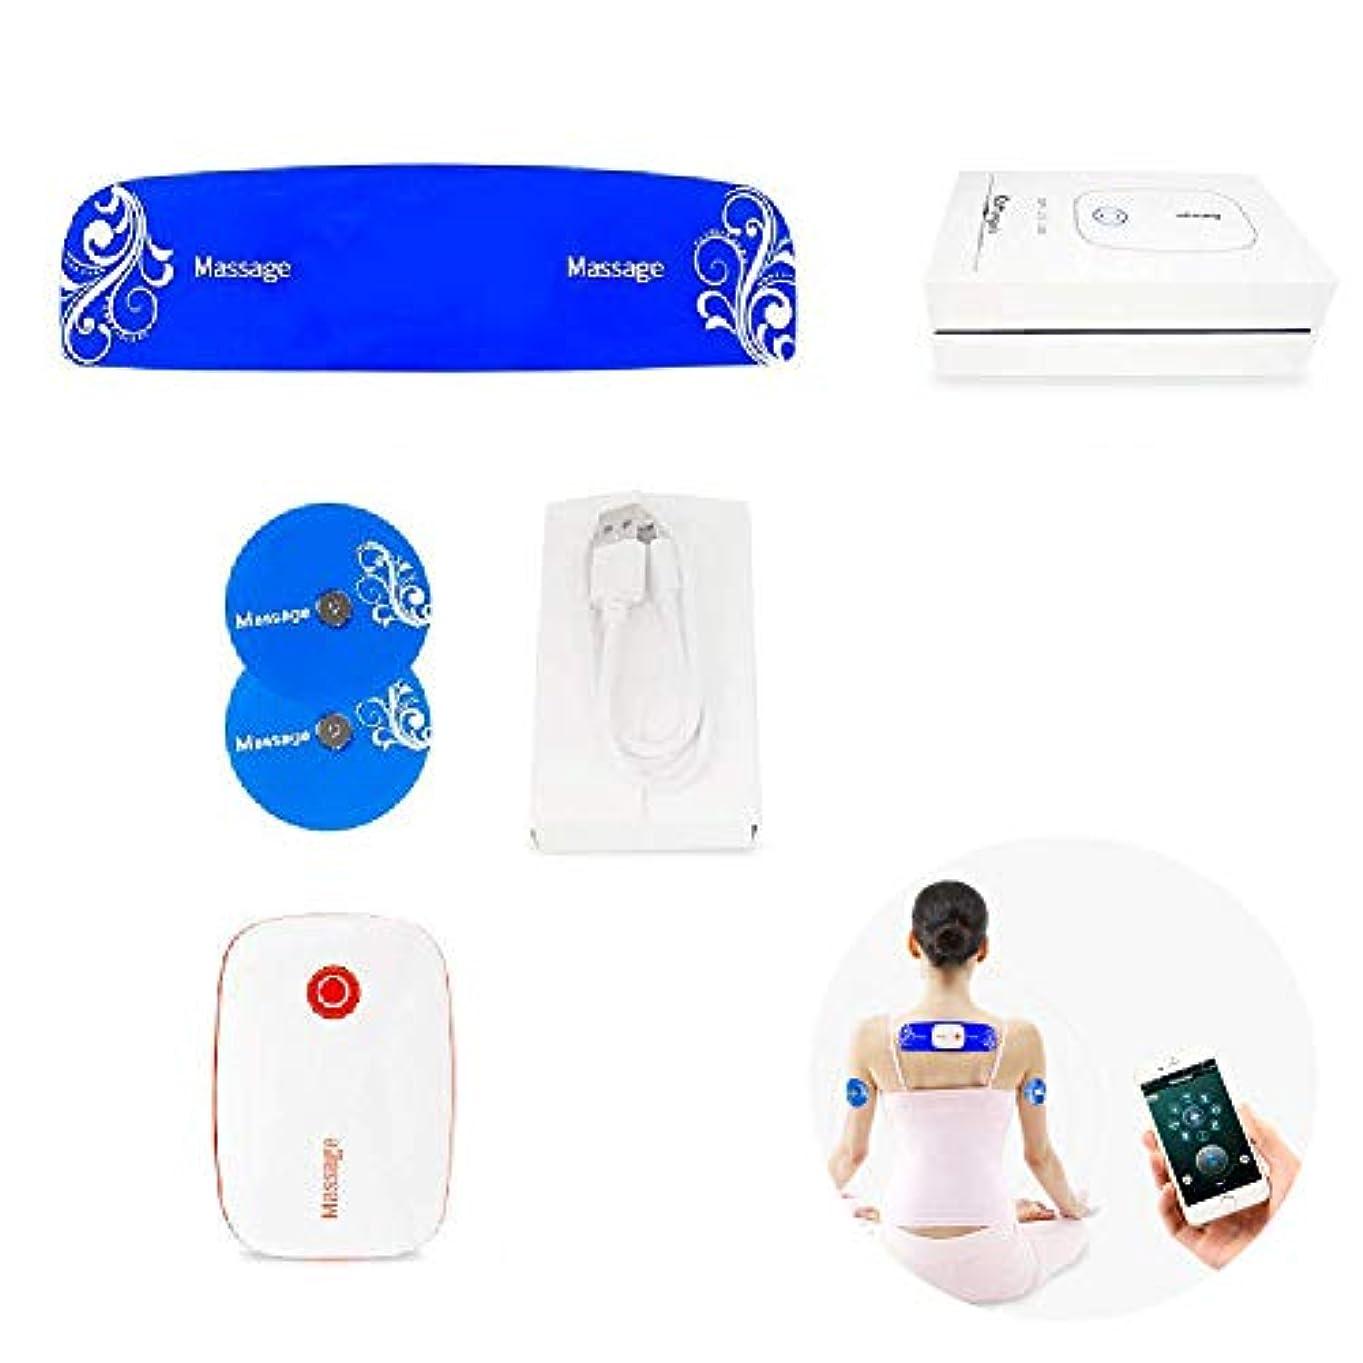 陰謀少し前に首の肩のマッサージャー深い組織のための電動ポータブルAPP Bluetoothコントロール車のホームとオフィス、調整可能なスピード